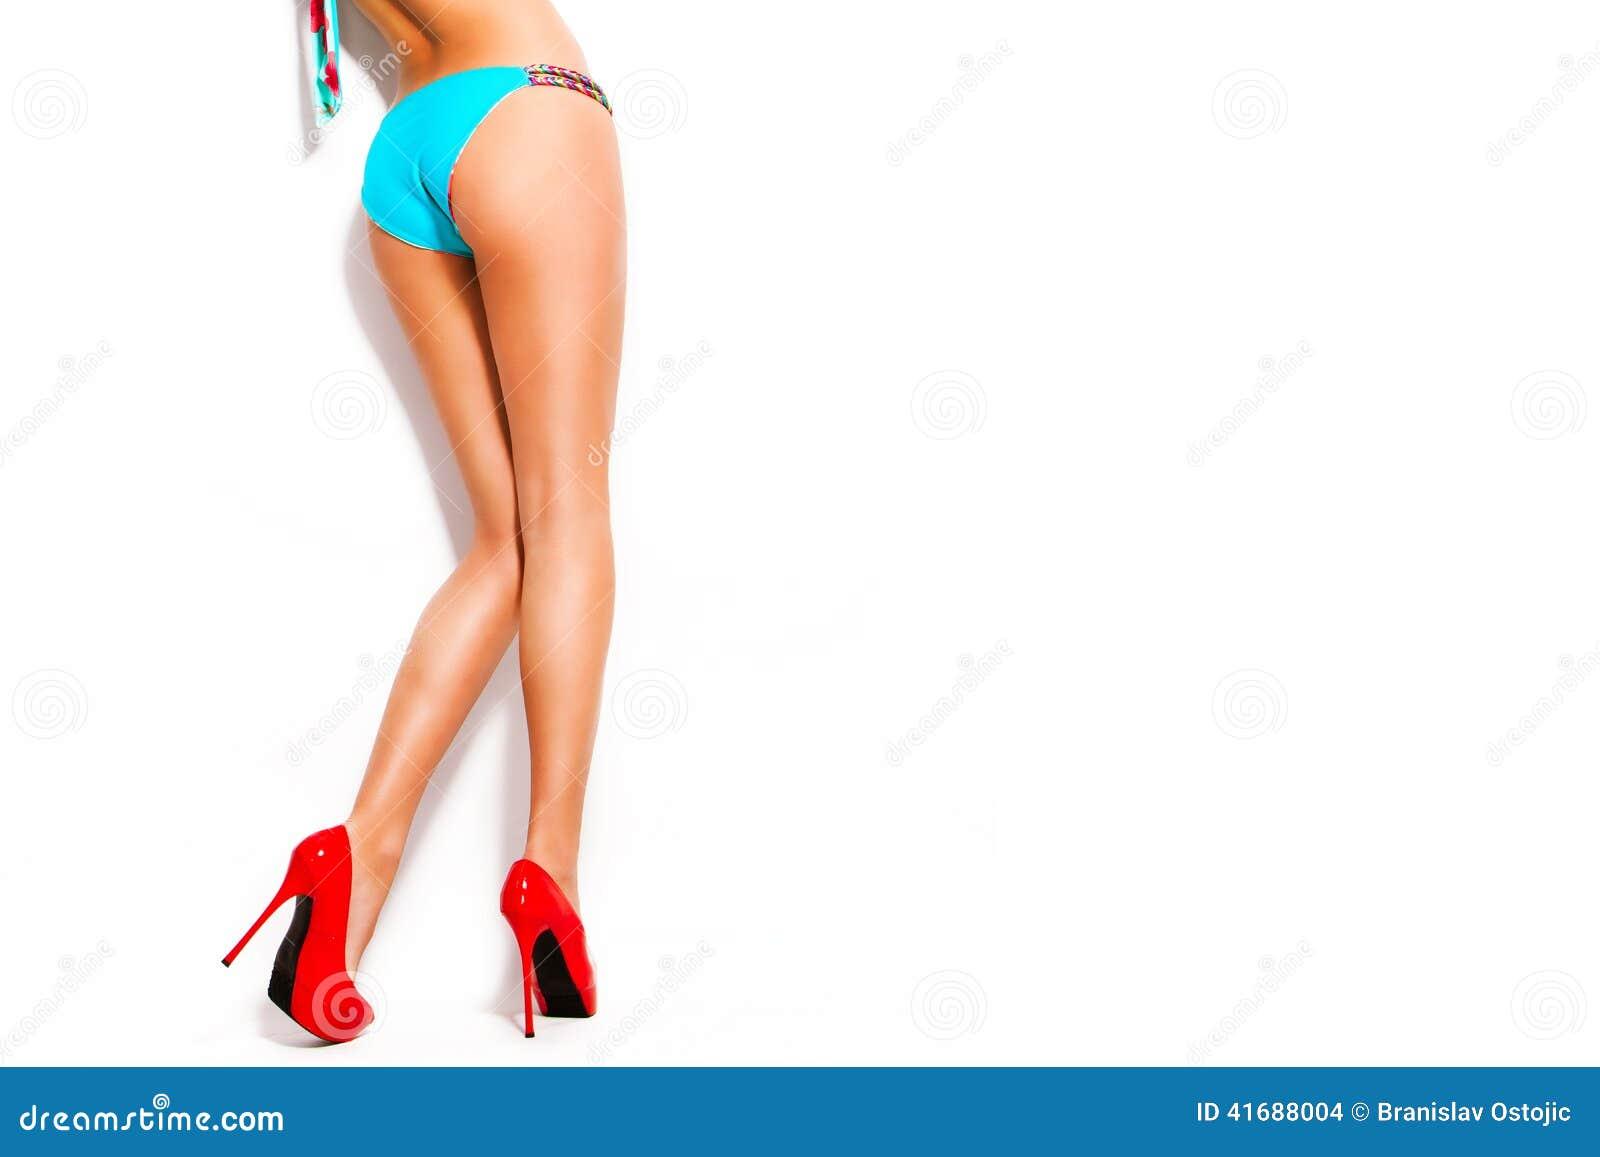 Chaussures et bikini de talon haut